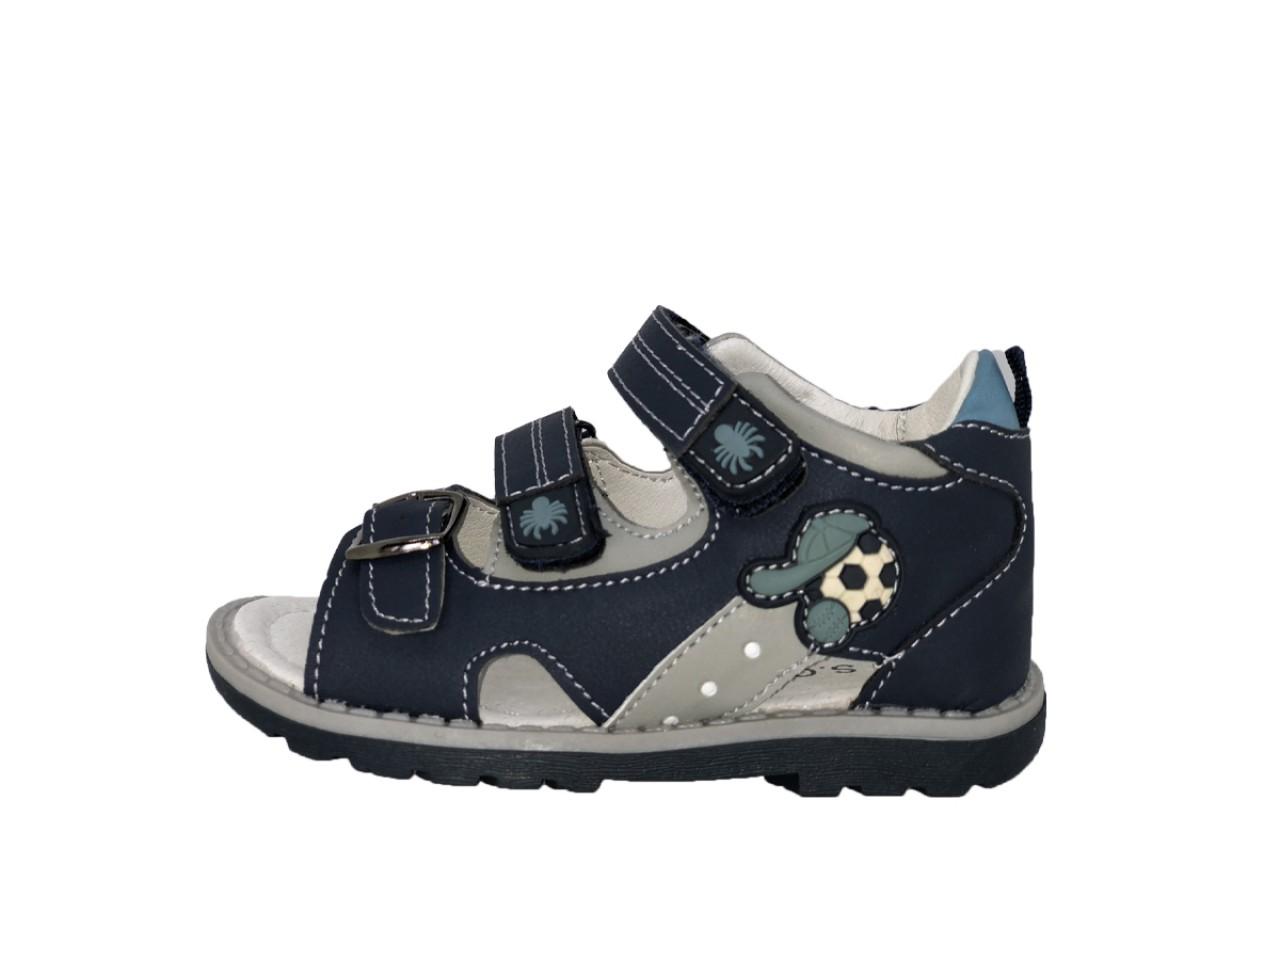 SUPYCOOL dětské sandály se suchým zipem tmavomodré pro chlapce 25-30